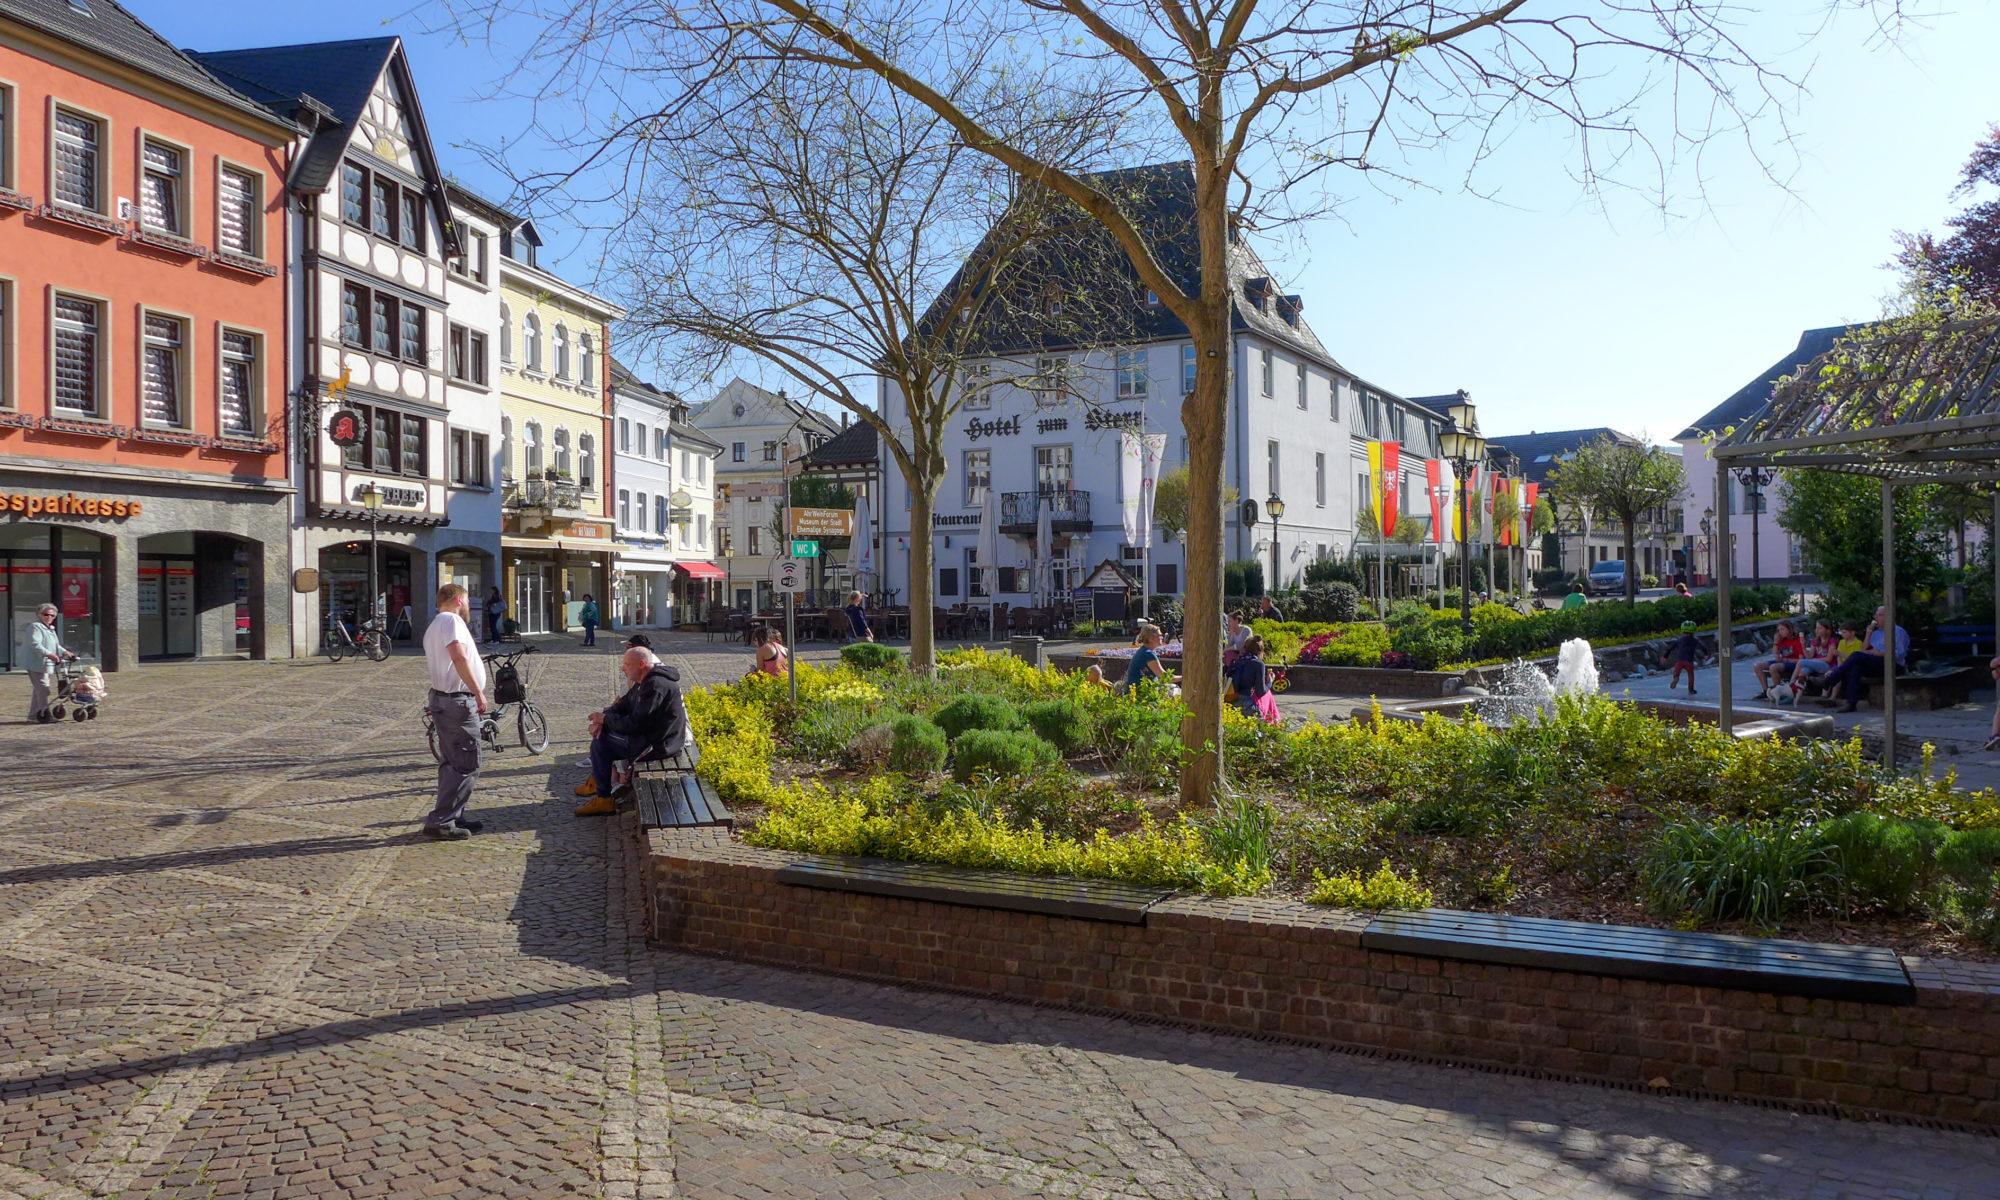 Marktplatz Ahrweiler Innenstadt